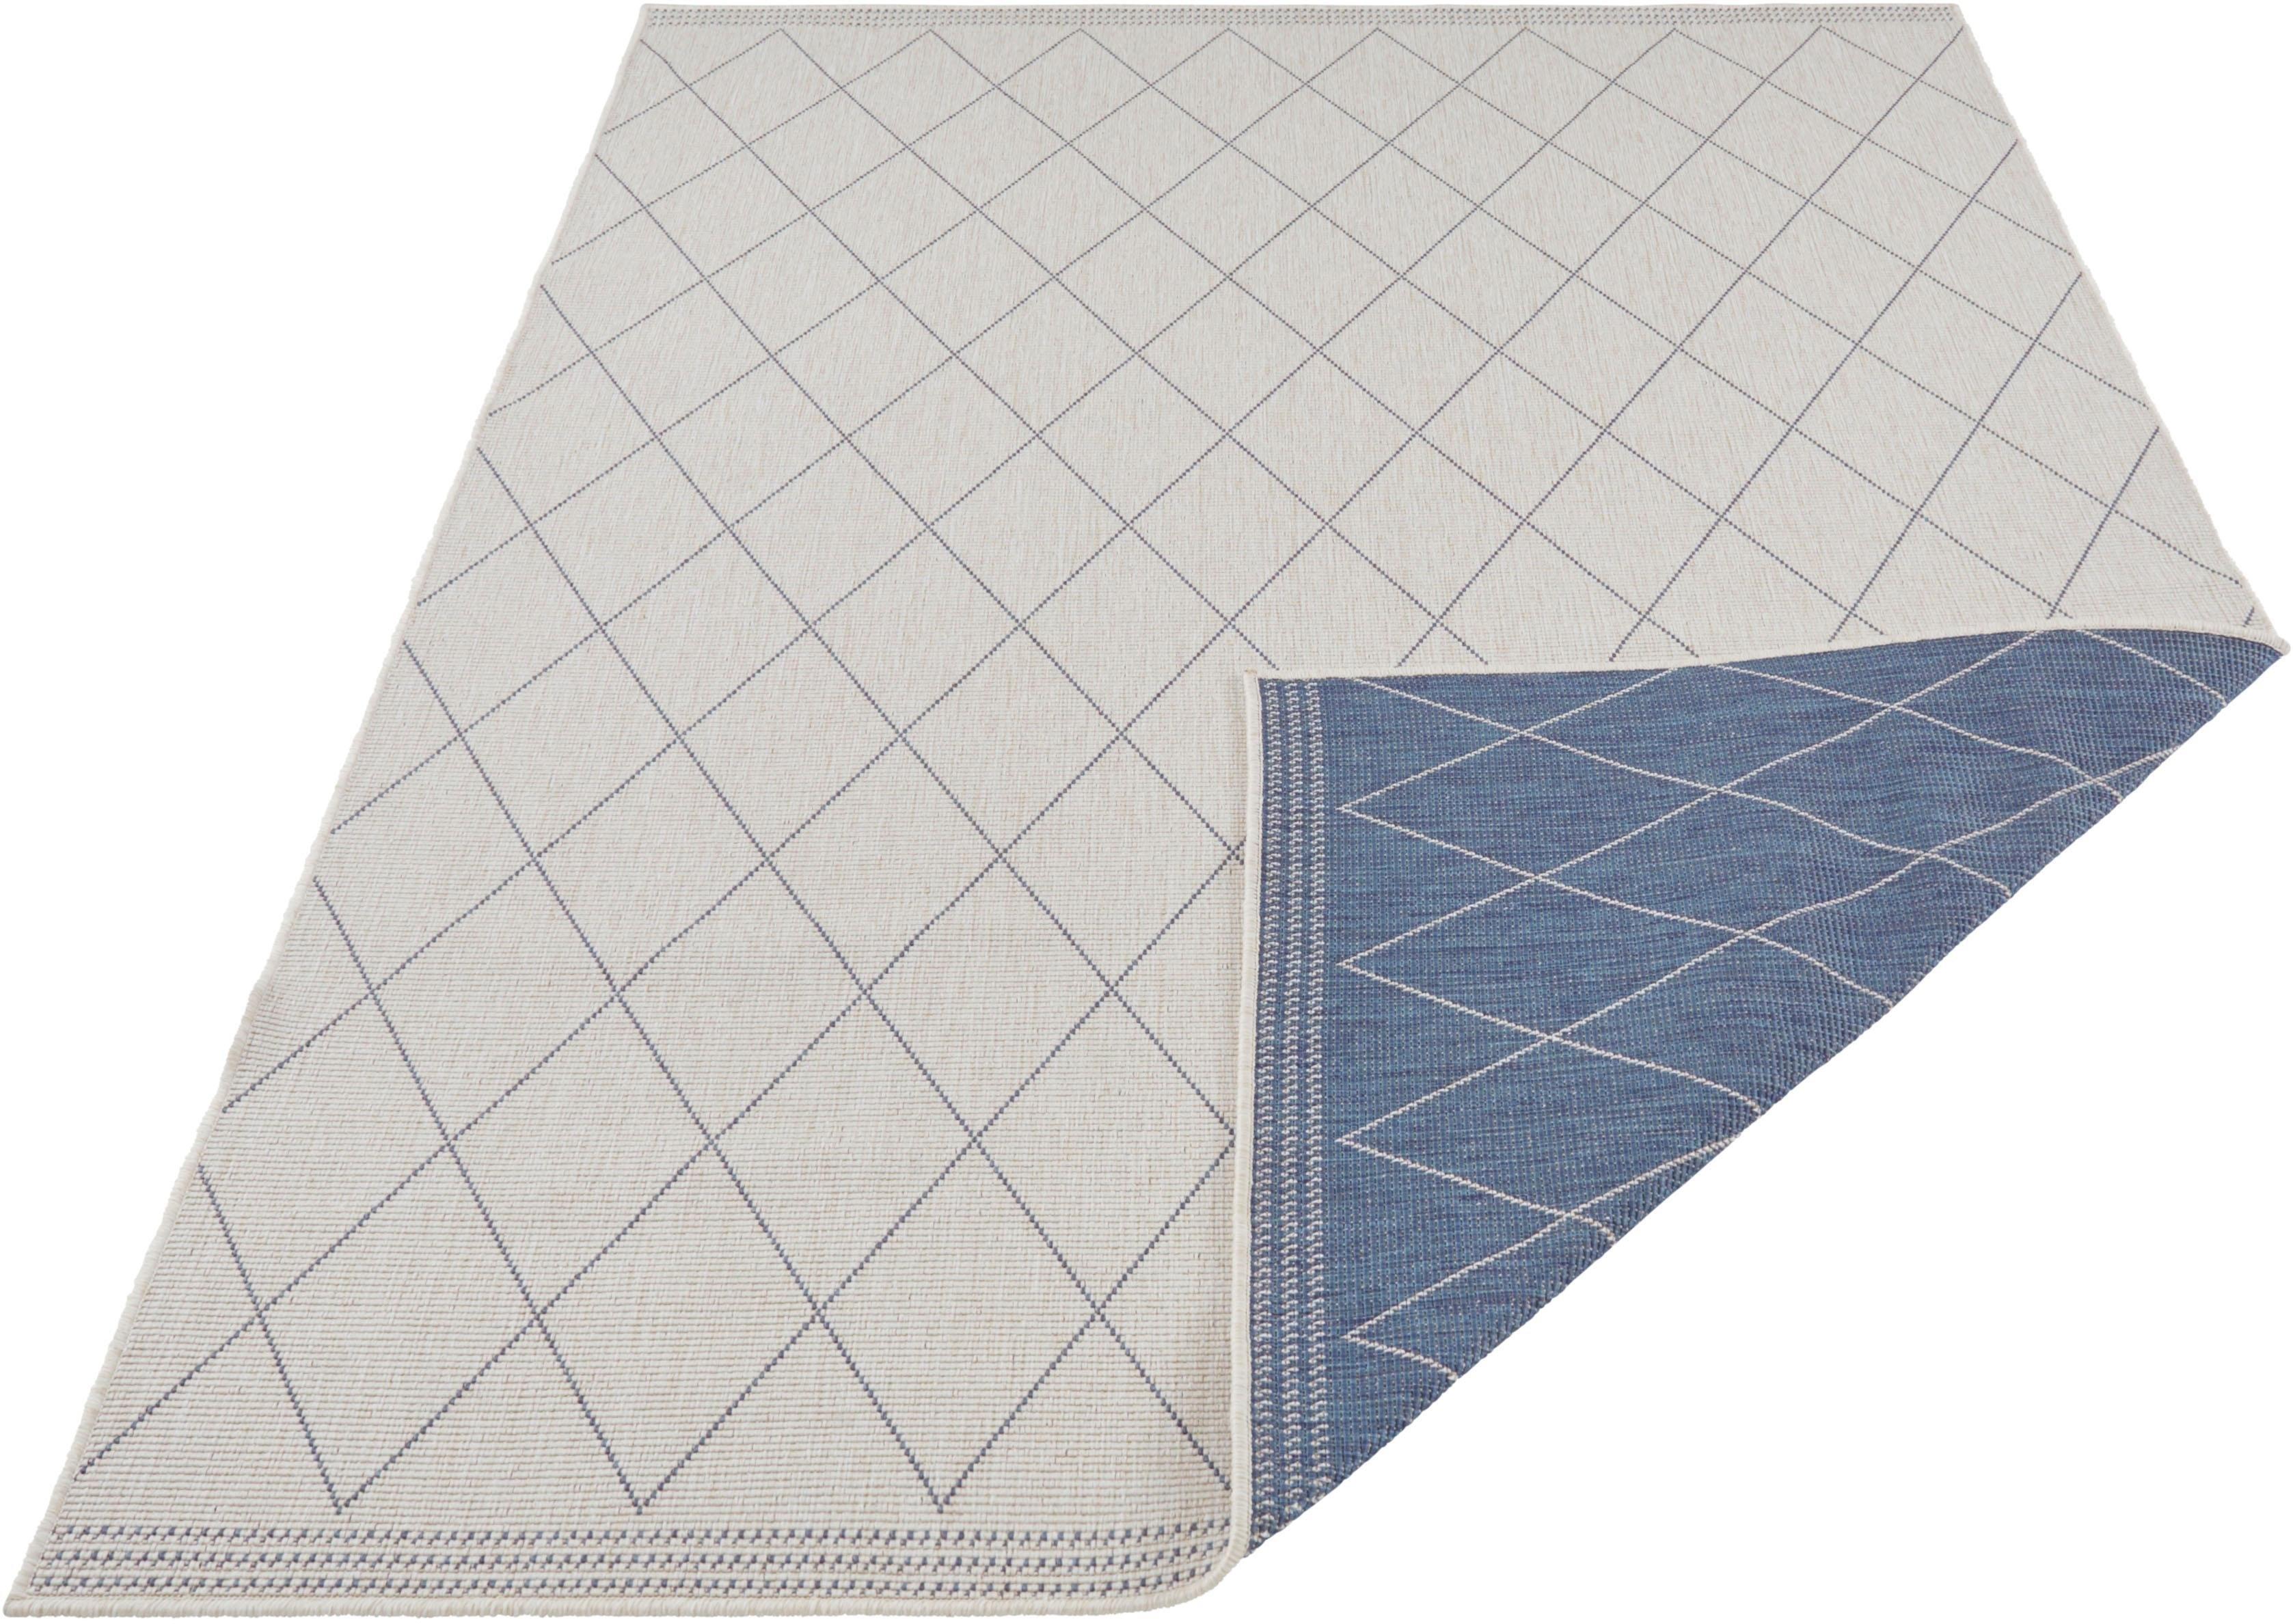 Freundin Home Collection Vloerkleed, »Daisy«, rechthoekig, hoogte 5 mm, machinaal geweven bestellen: 14 dagen bedenktijd